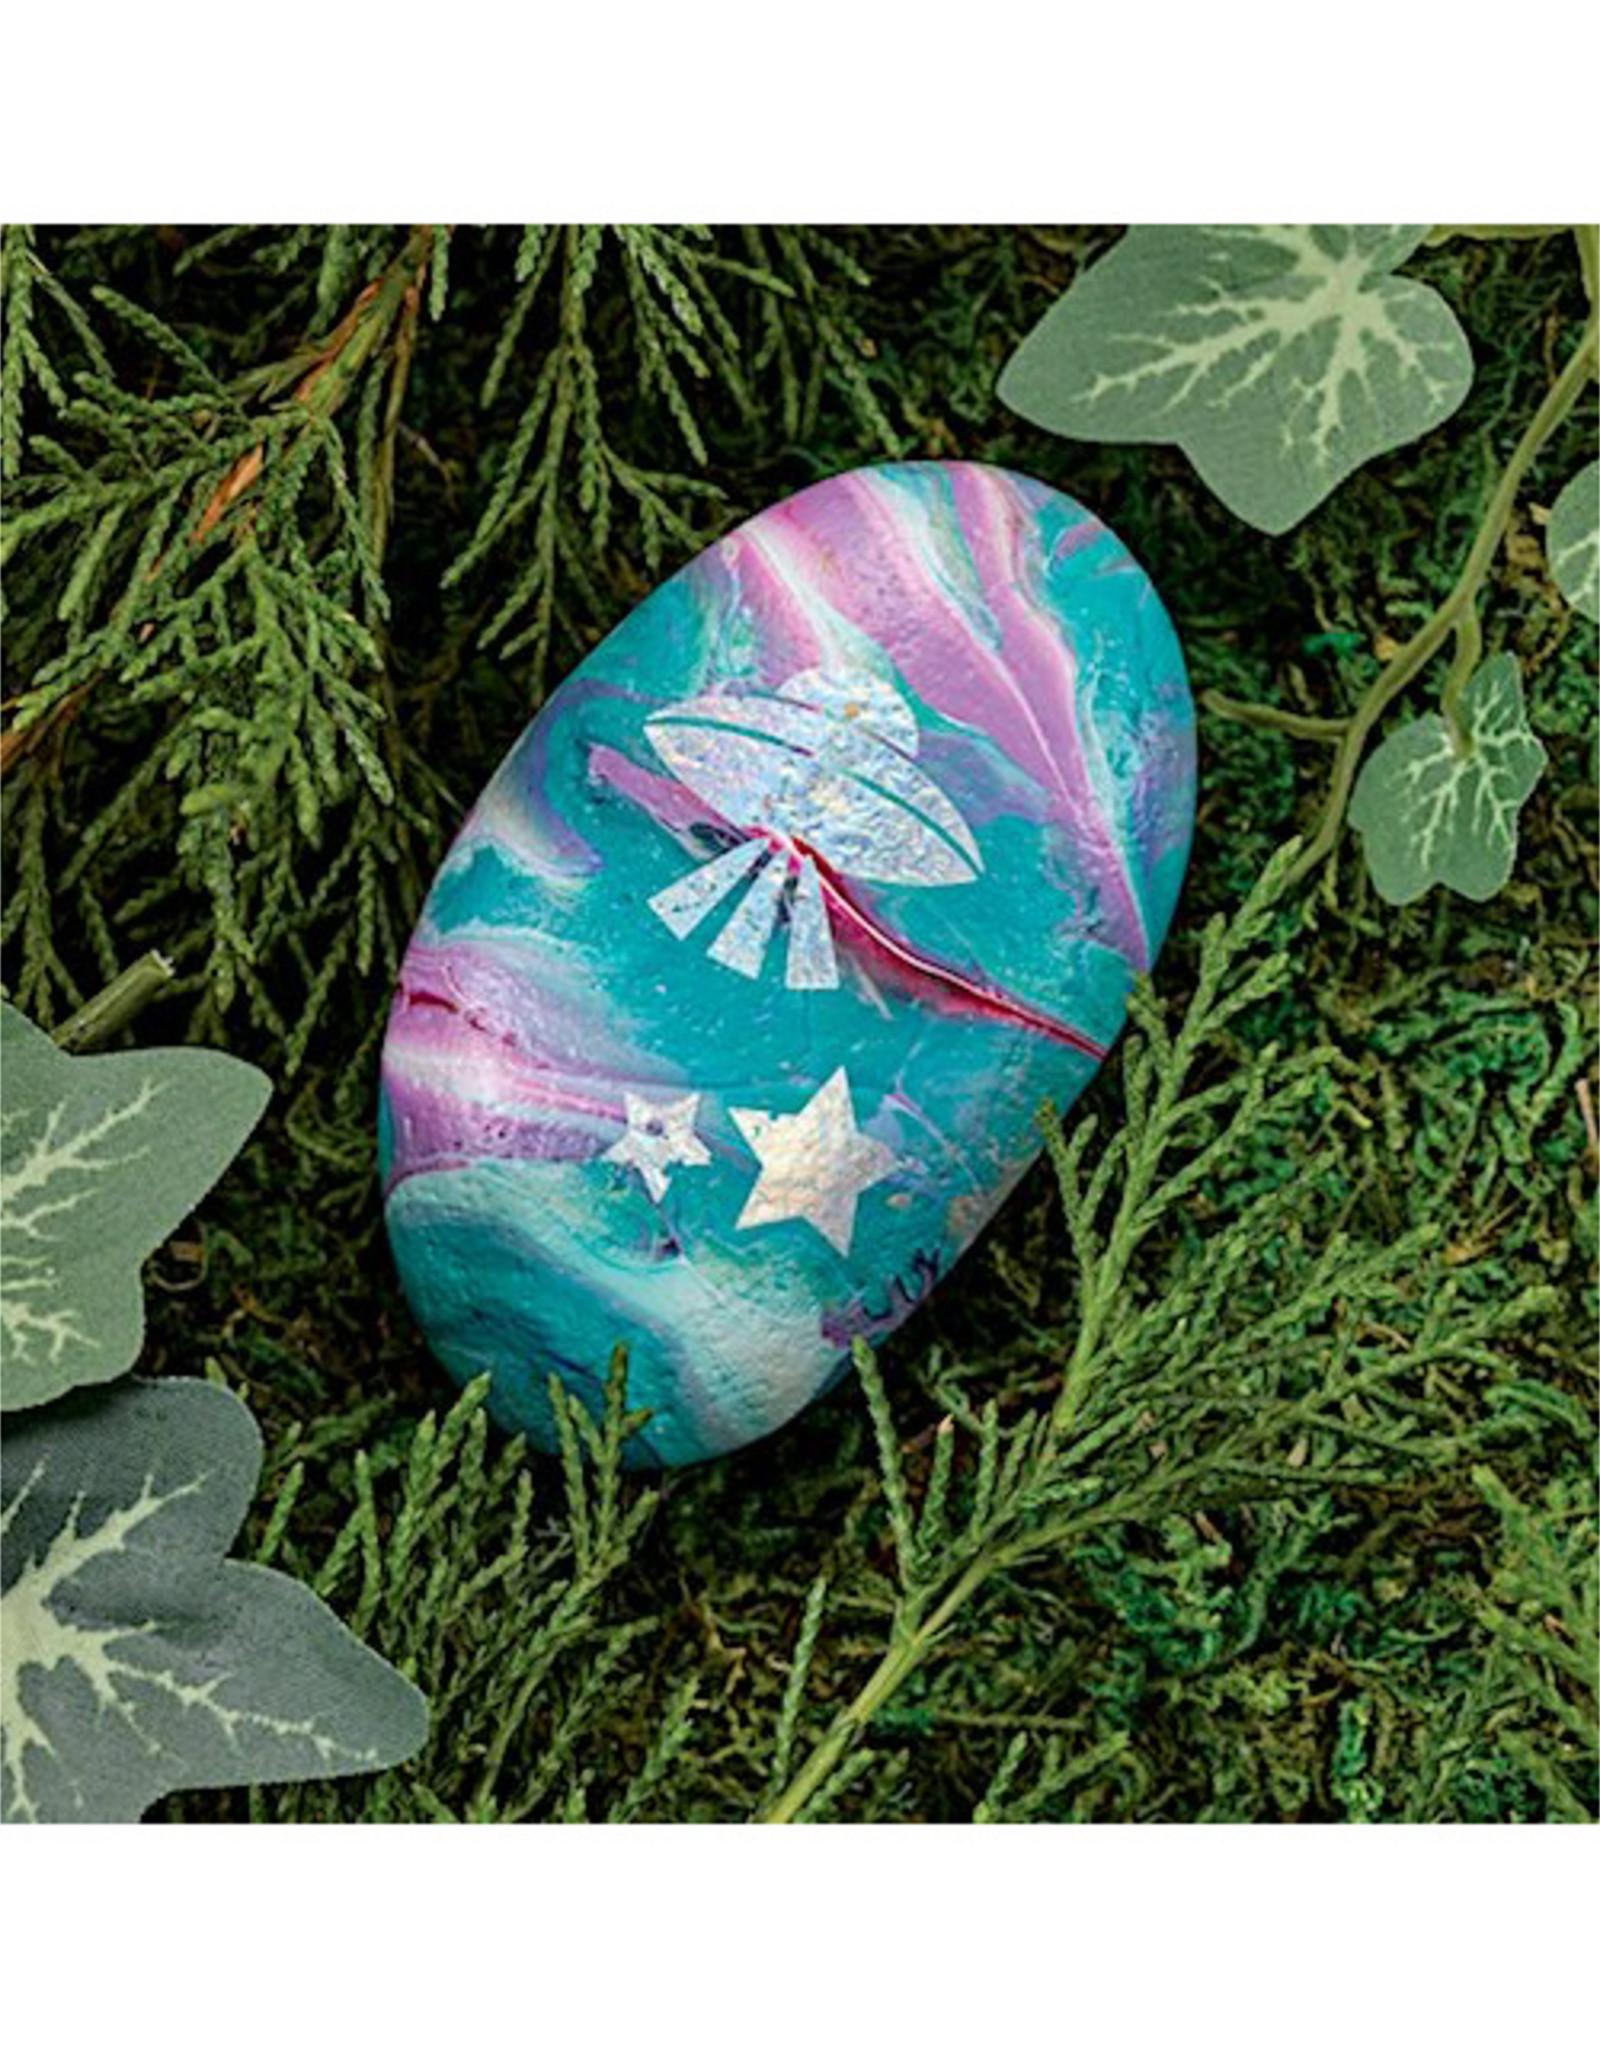 Faber Castell Hide & Seek Paint Pour Rocks